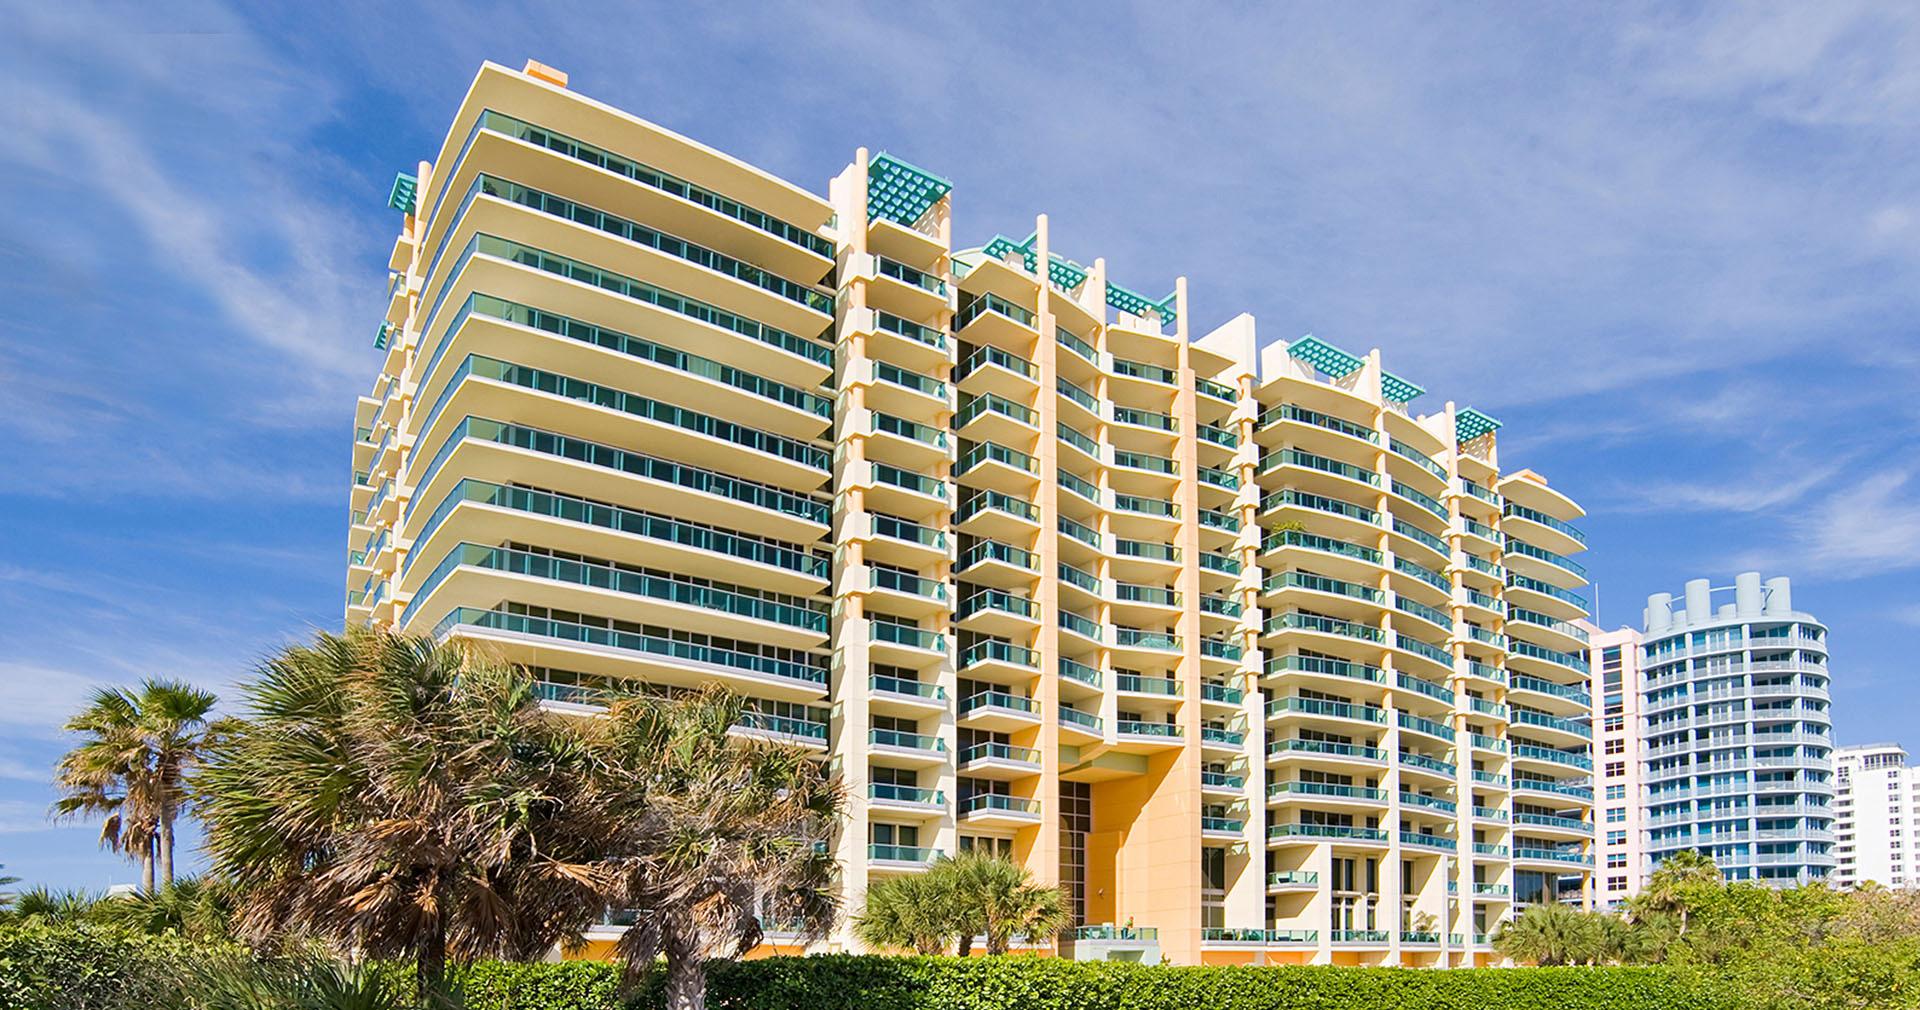 IL Villaggio South Beach